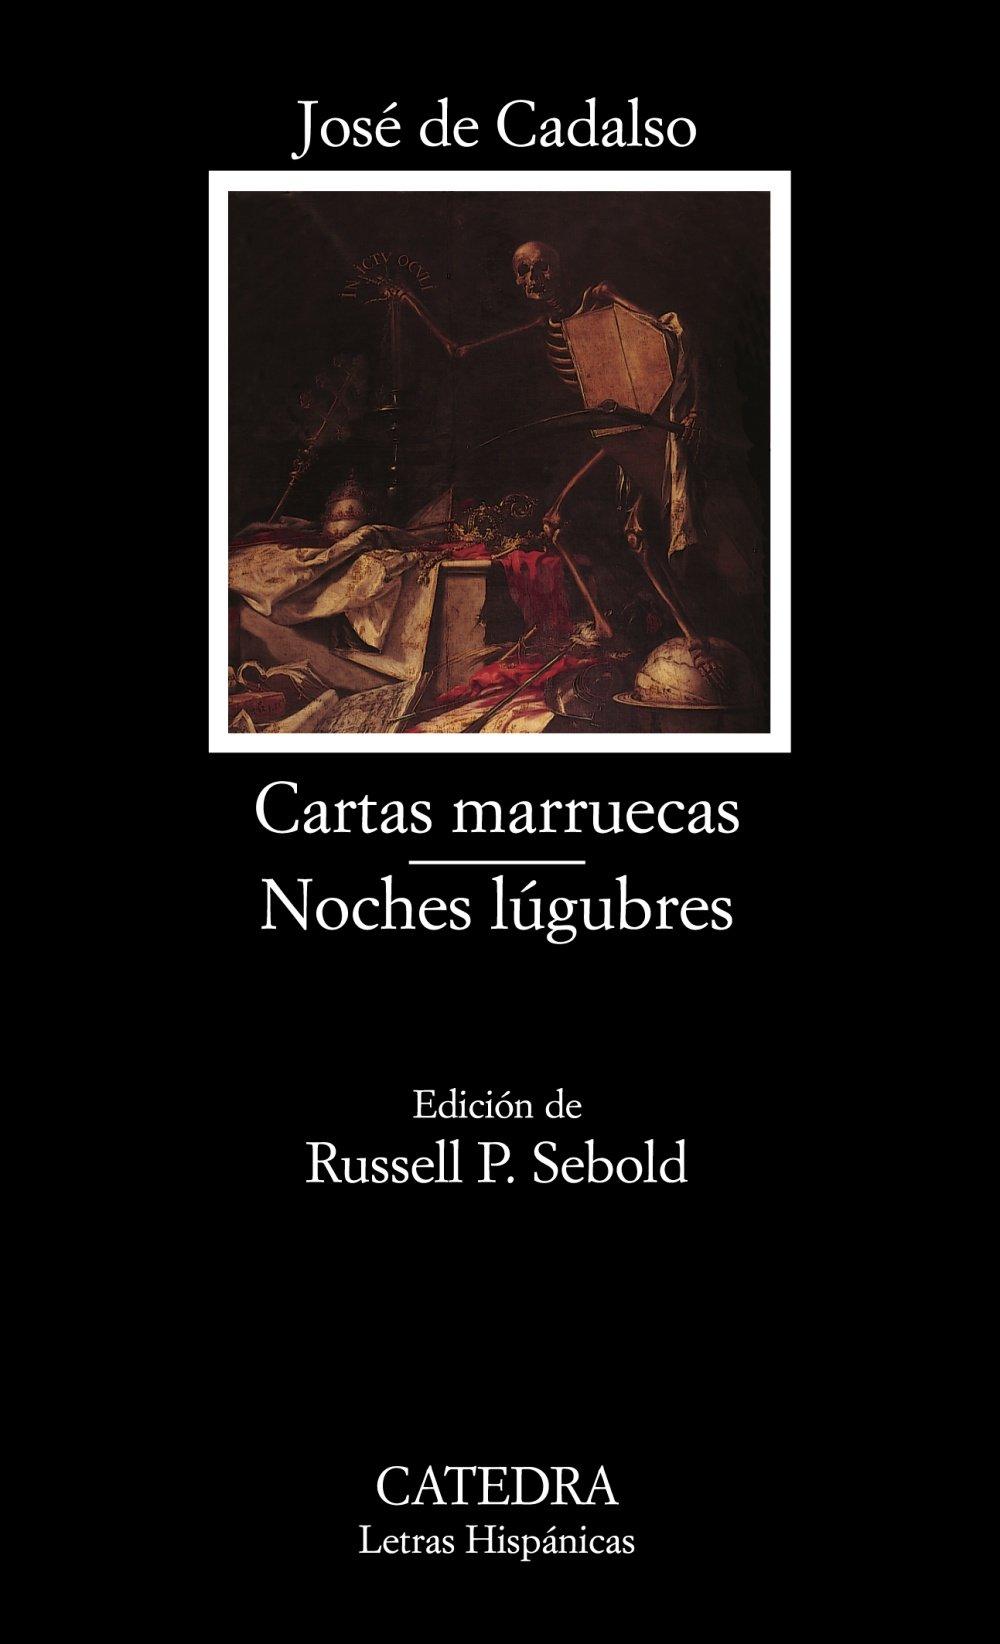 Cartas marruecas; Noches lúgubres: Noches Lugubres: 78 (Letras Hispánicas) Tapa blanda – 6 sep 2004 José de Cadalso Cátedra 843761810X European - General